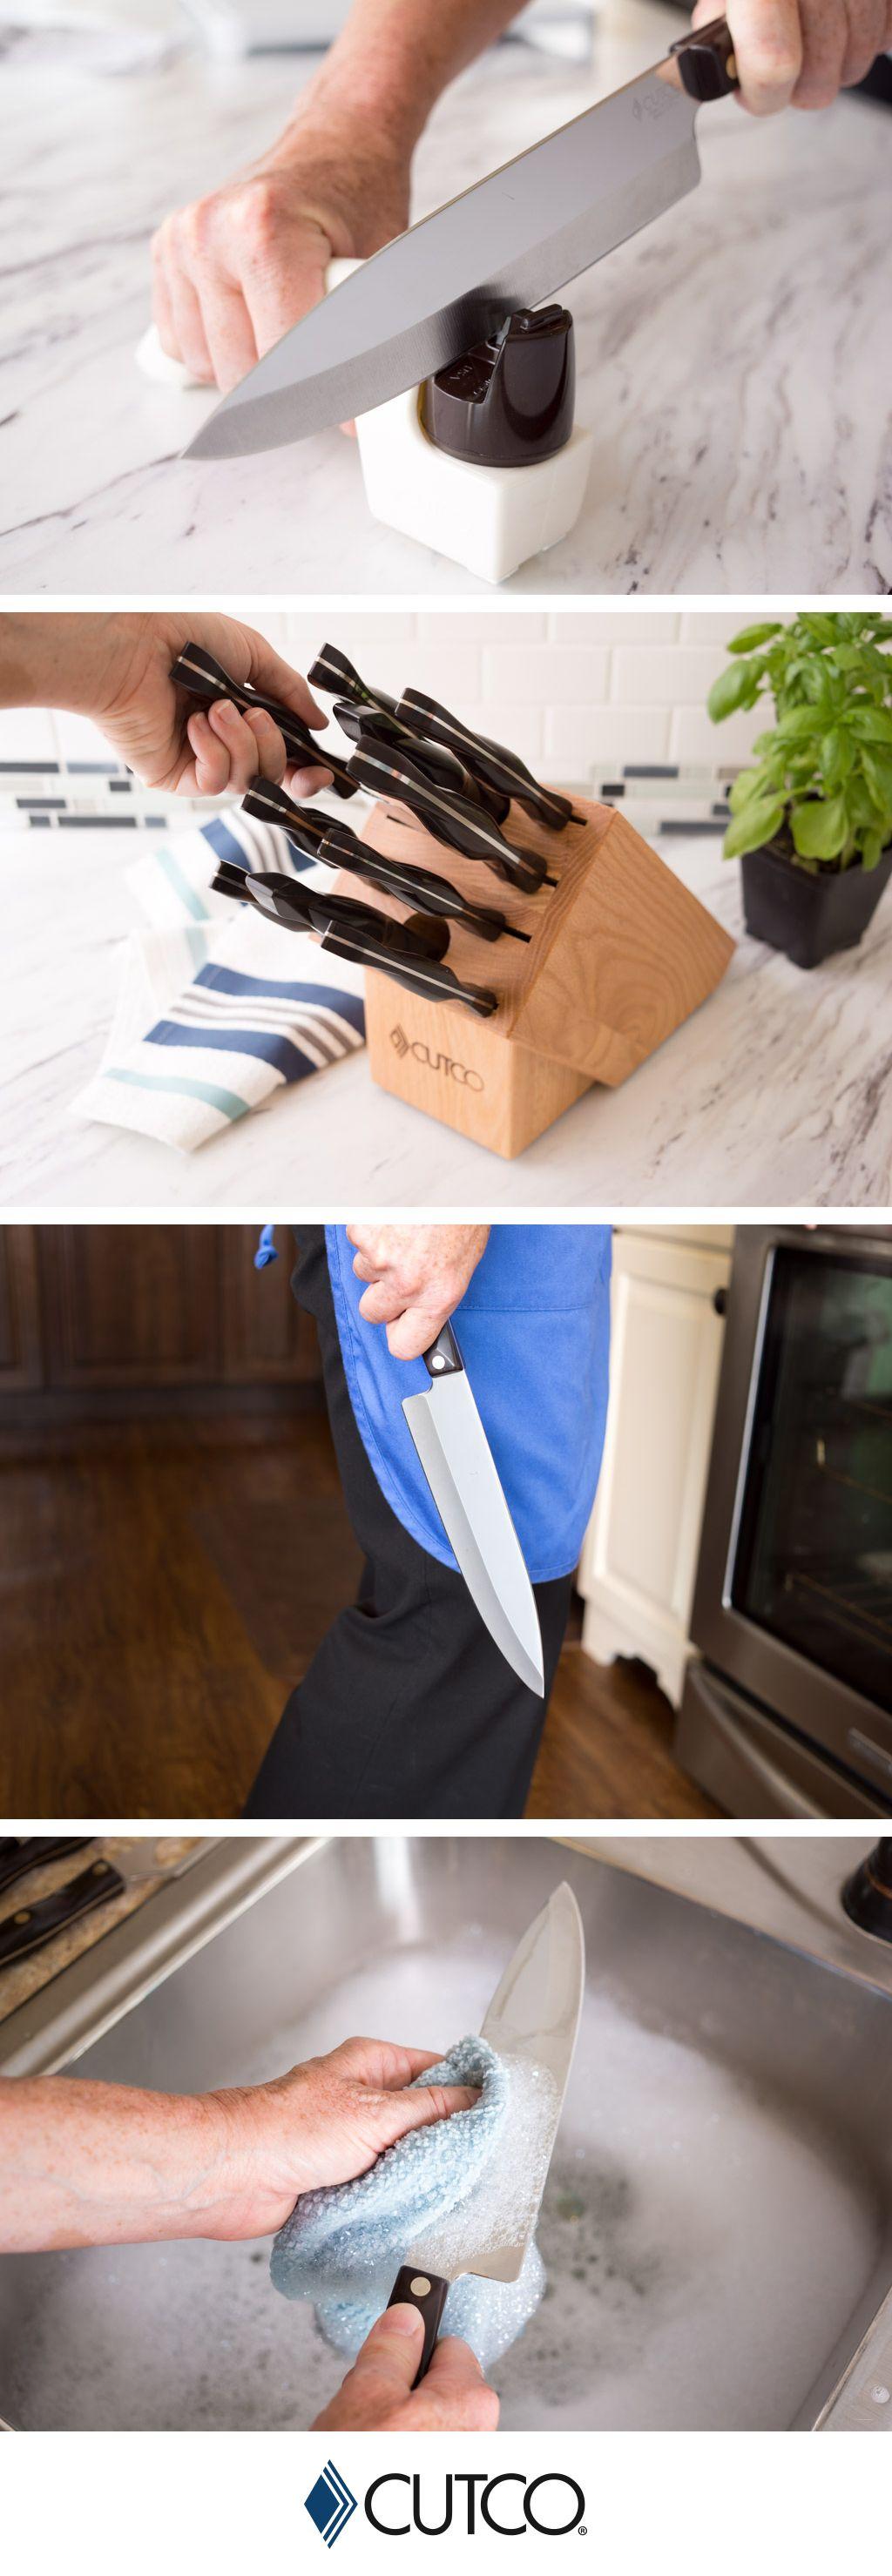 12 Kitchen Knife Safety Tips Kitchen safe, Safety tips